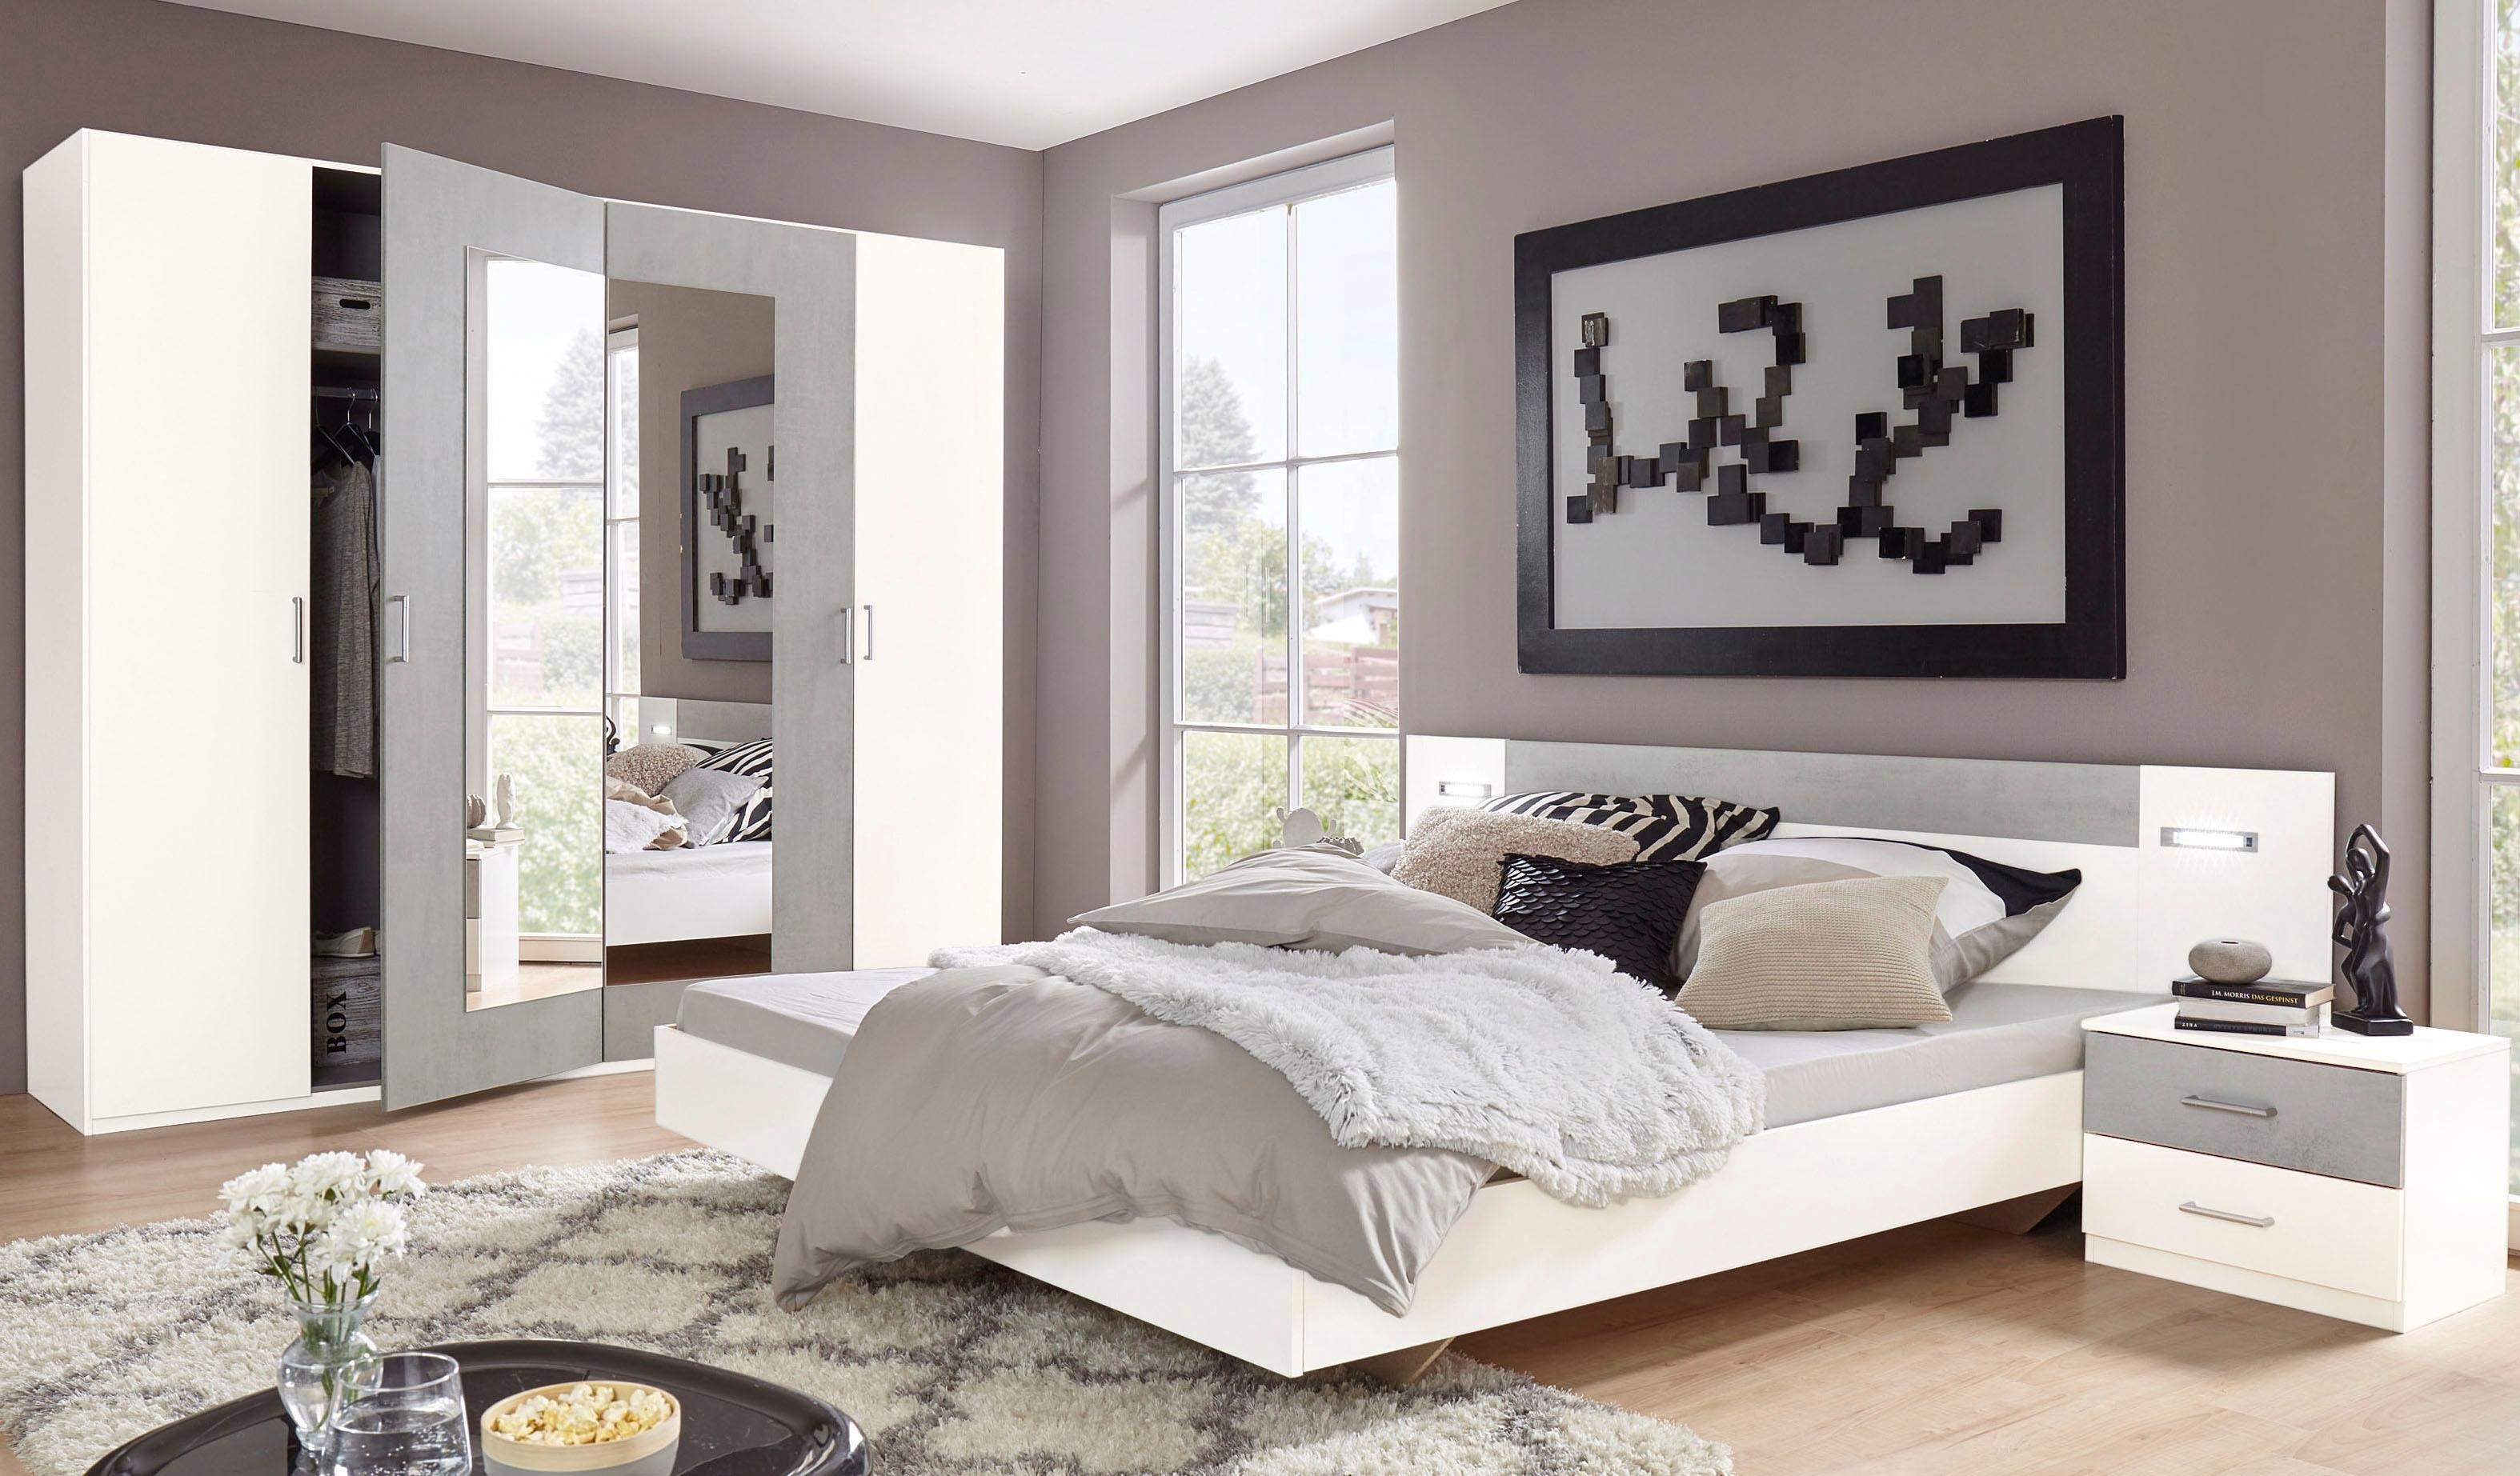 Slaapkamer Complete Tweepersoons.Complete Slaapkamer Online Bestellen Dat Doe Je In Onze